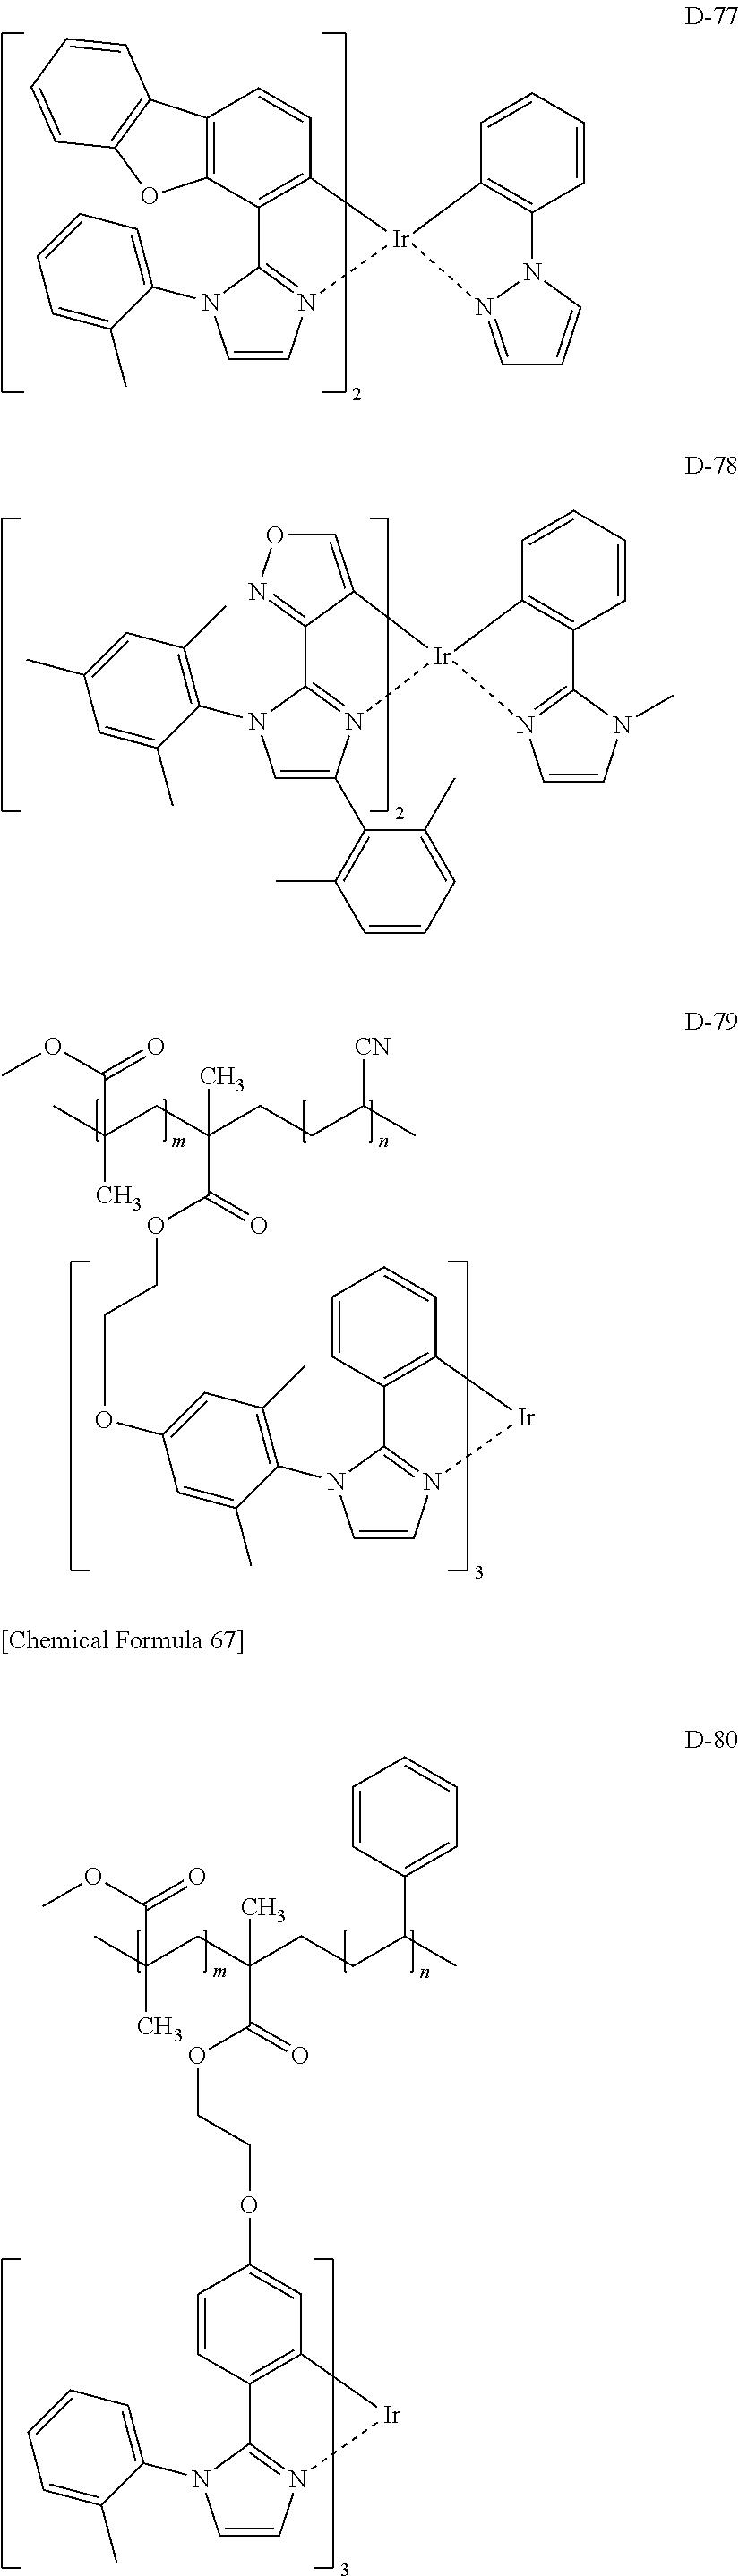 Figure US09935269-20180403-C00080